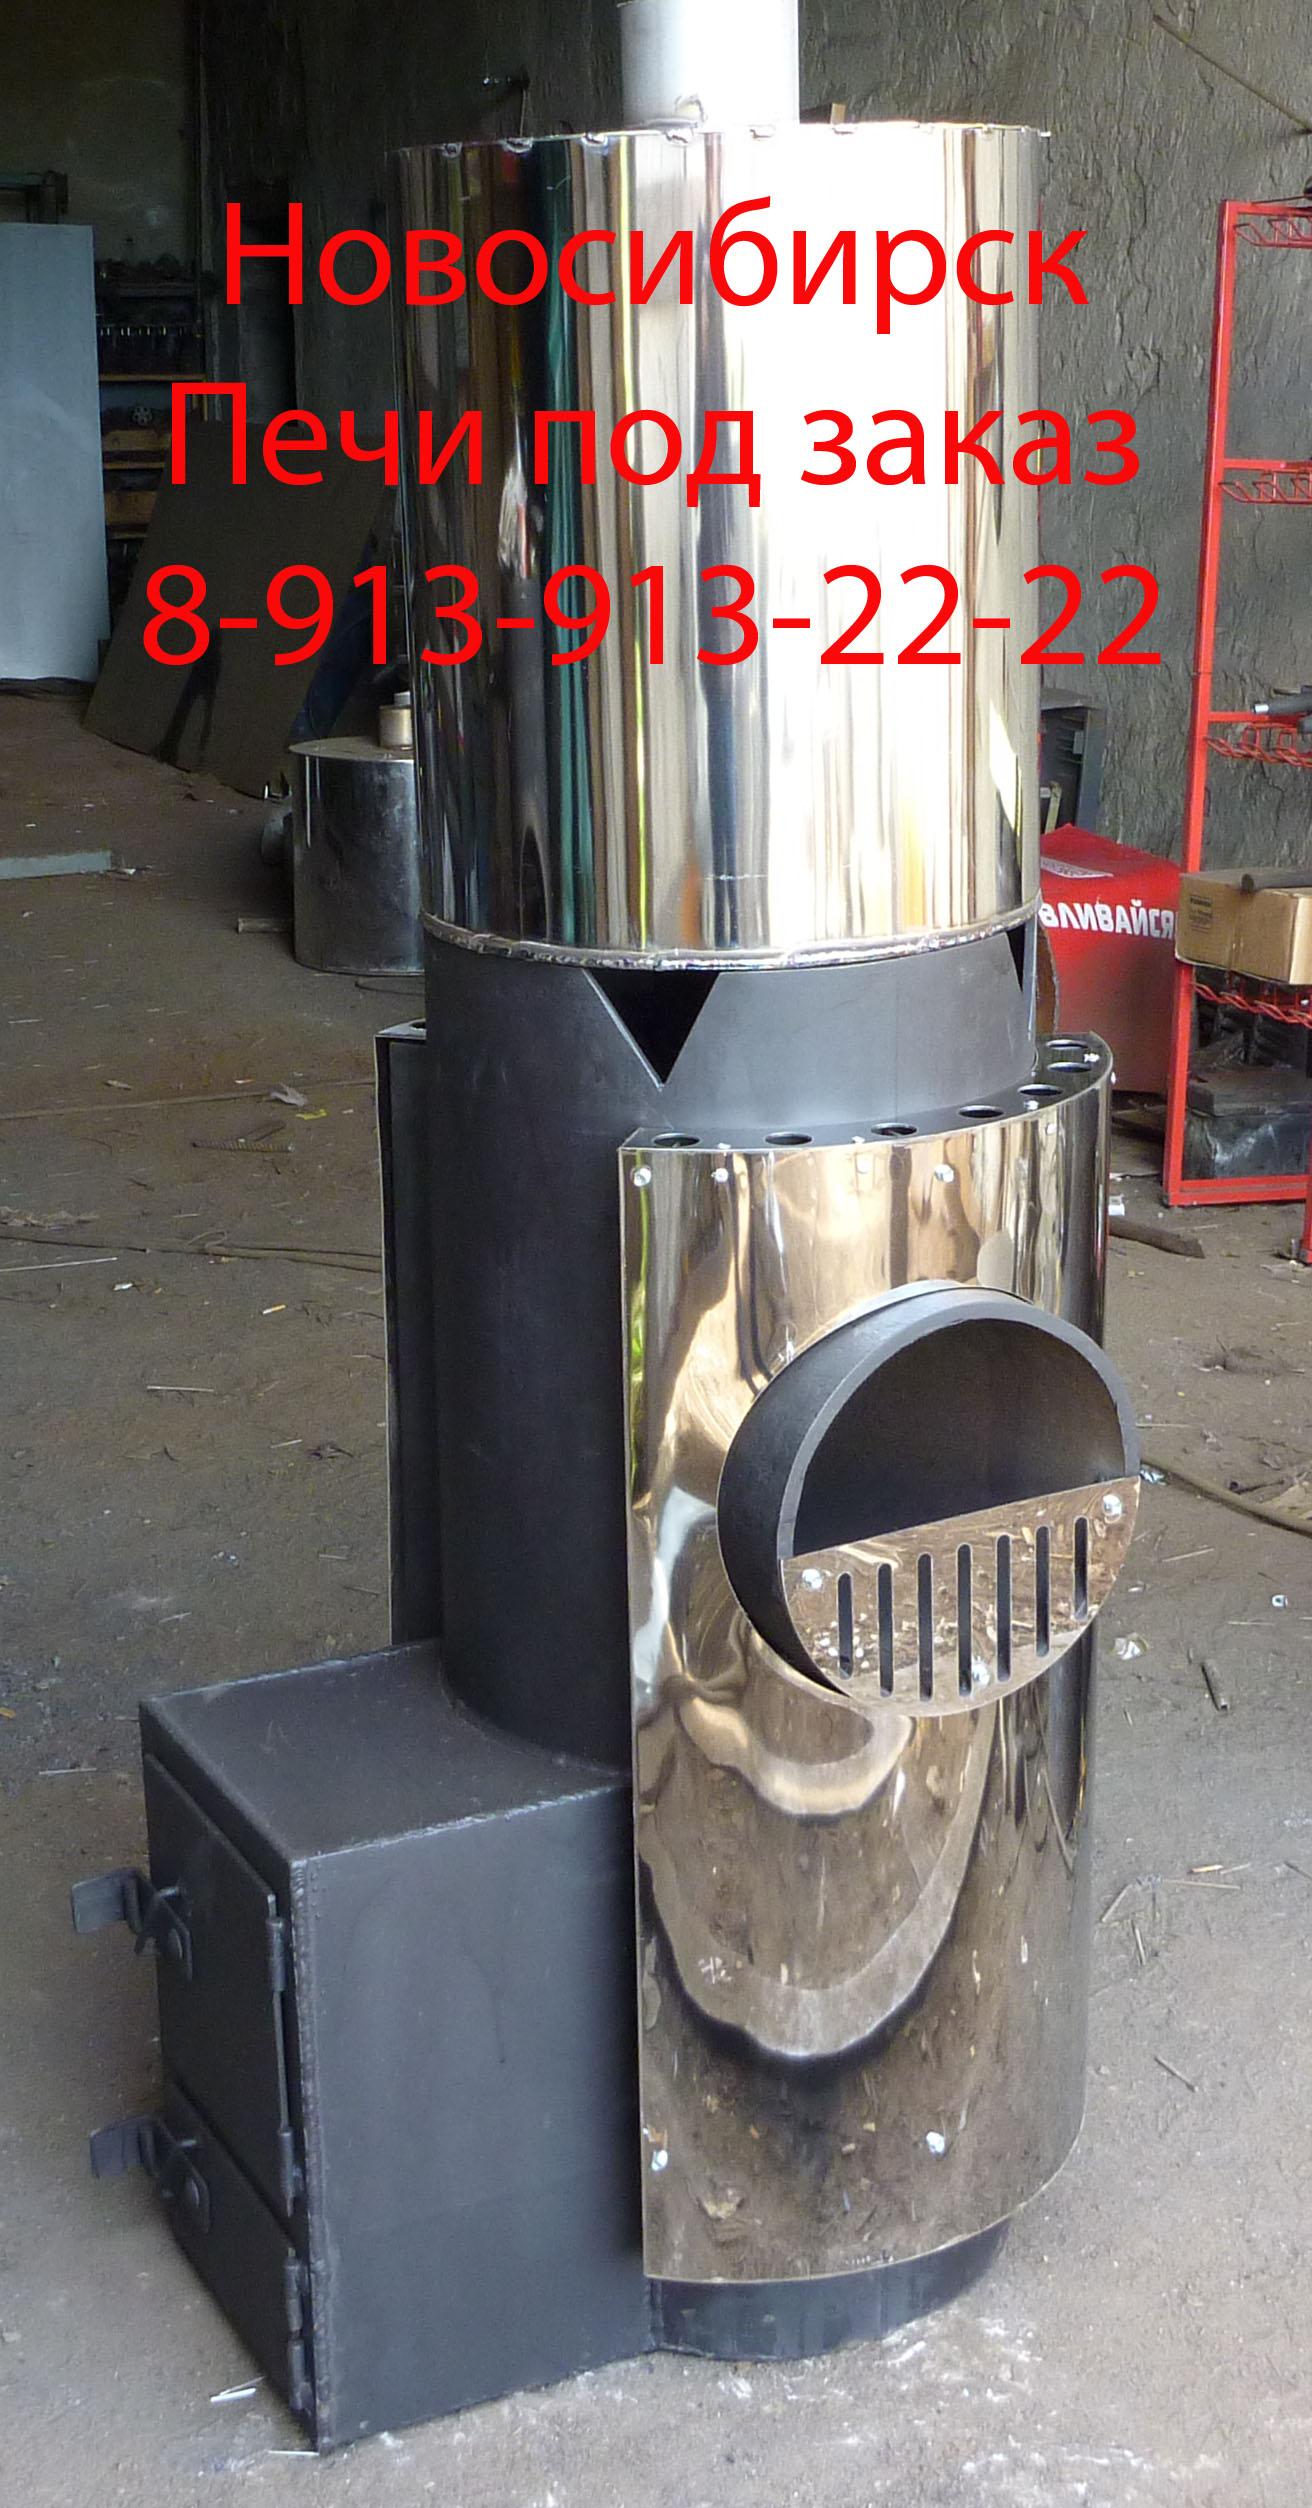 Печь для бани из трубы своими руками: самодельные горизонтальные и вертикальные печки, как сварить банную печь, как сделать чертежи, фото и видео